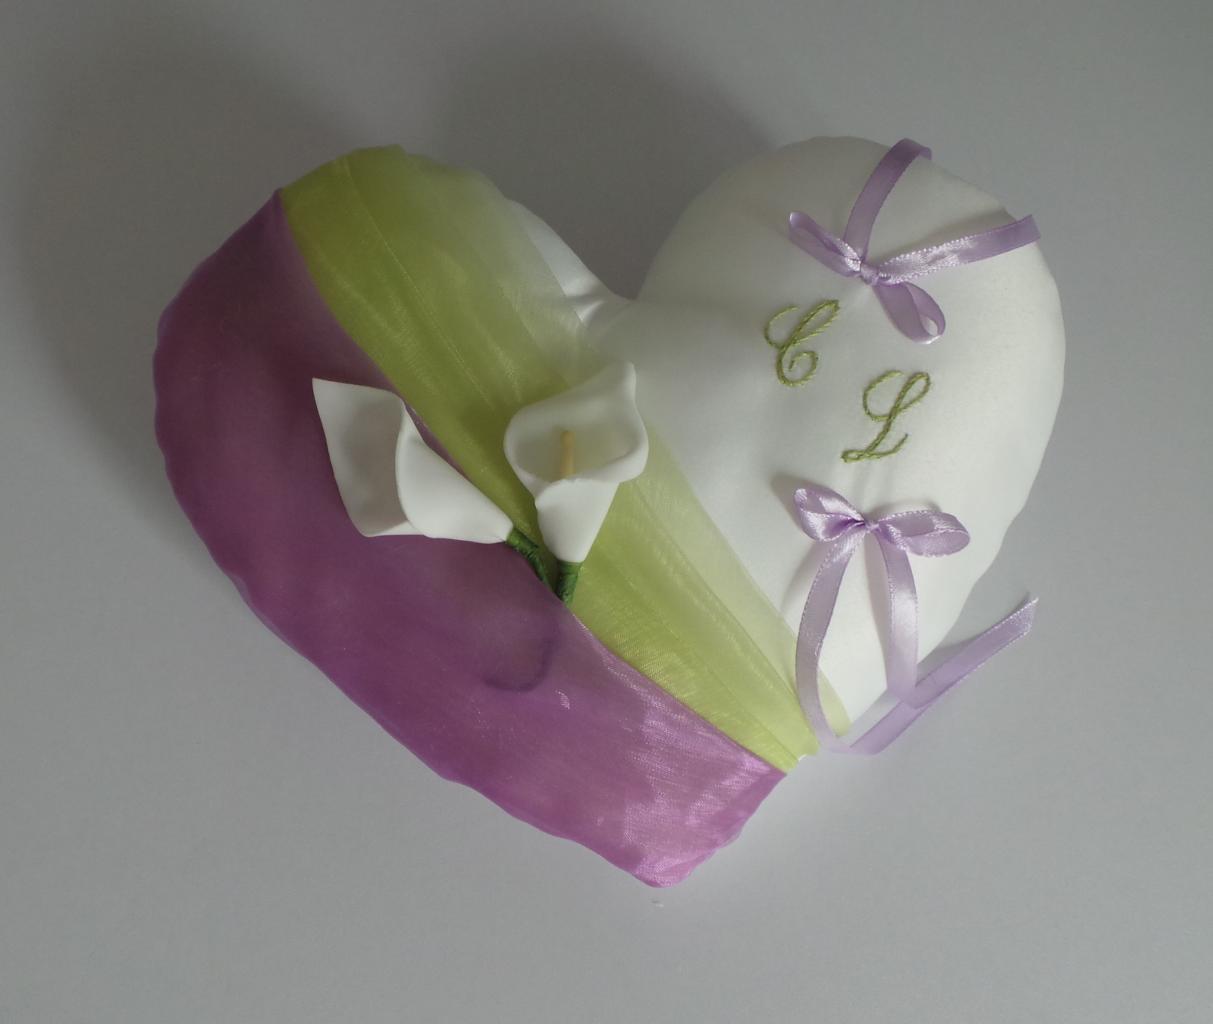 coussin alliances coeur vert anis parme (4)